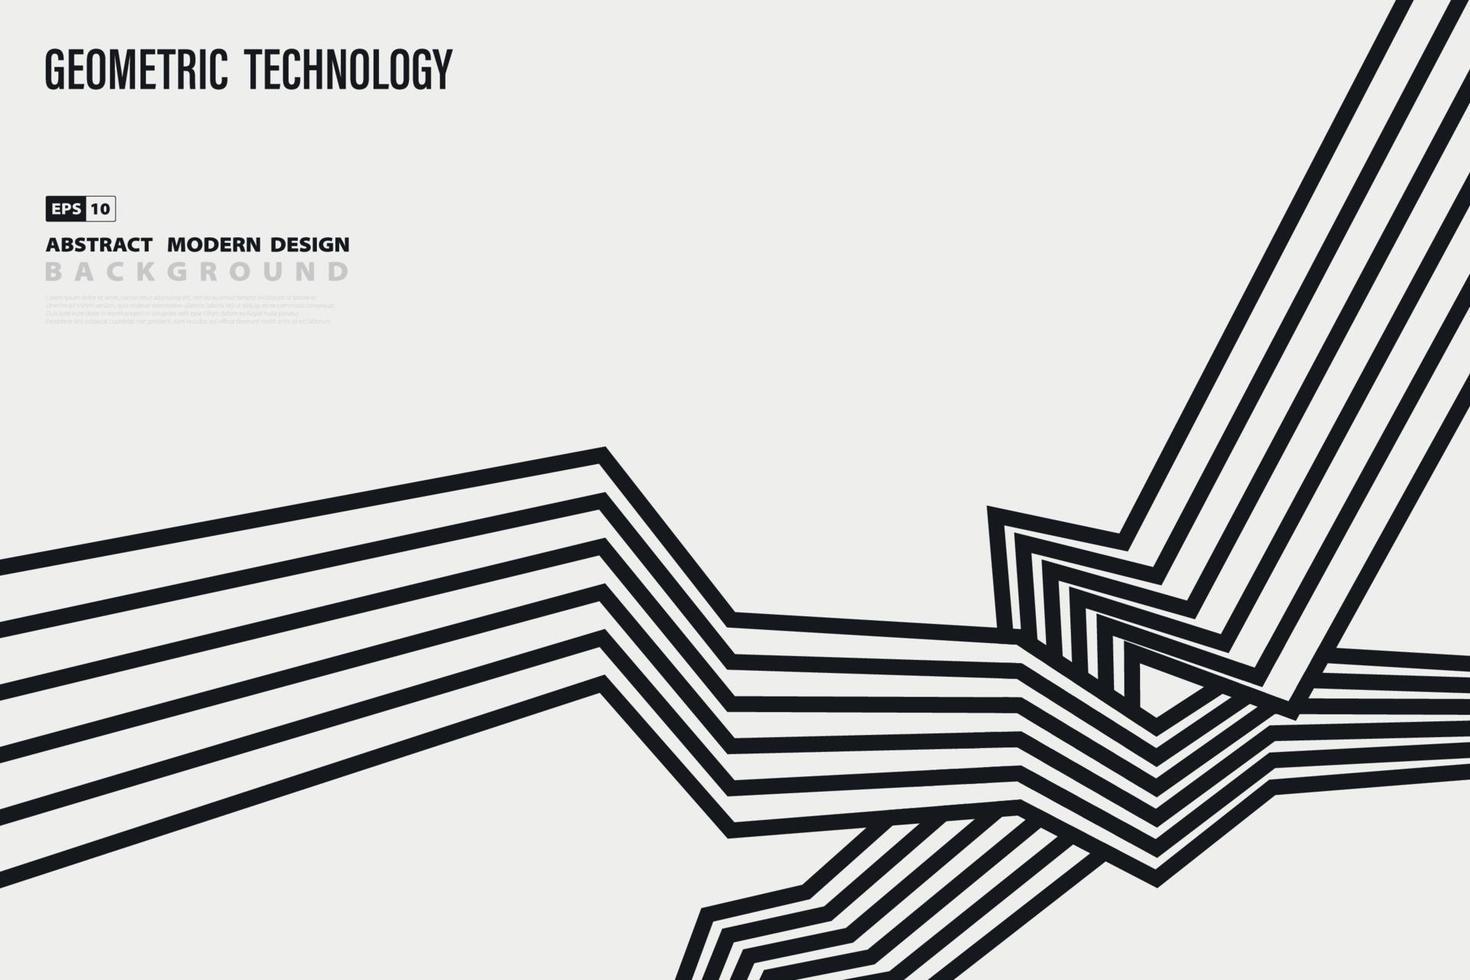 abstrakt svartvitt mönster linje design rörelse dekoration bakgrund. illustration vektor